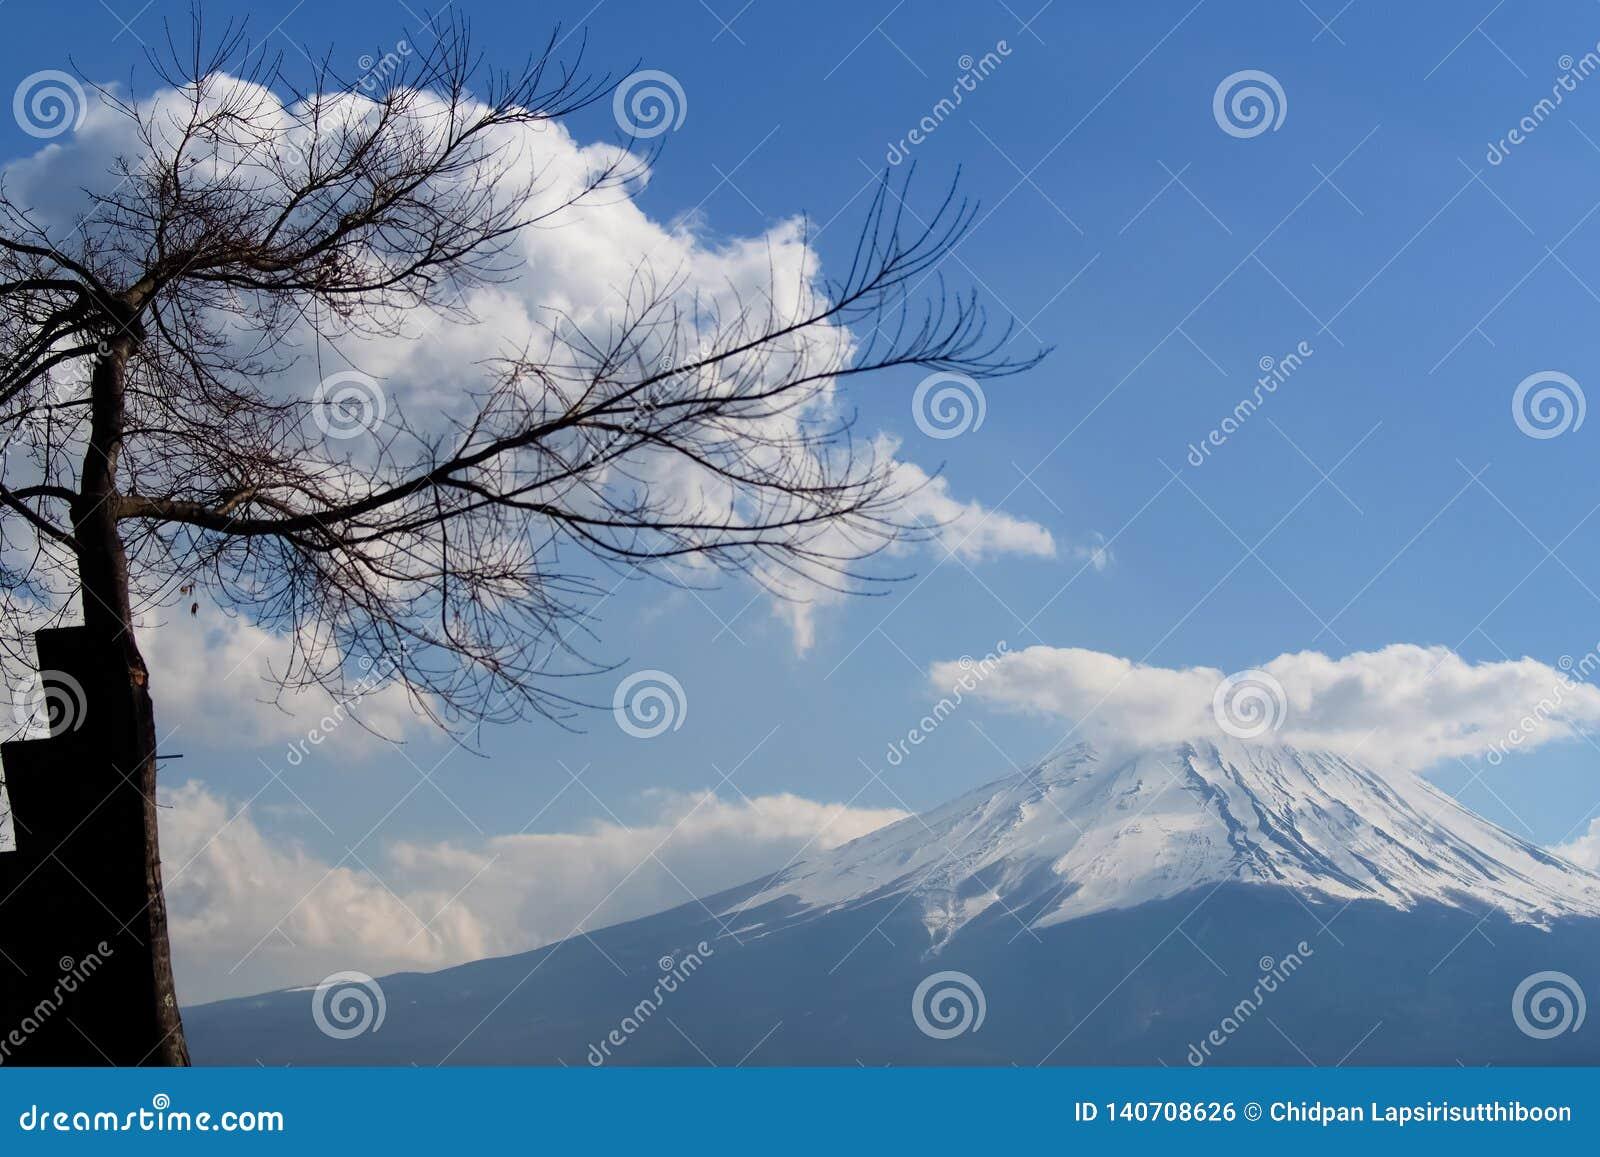 Um bonito da montanha Fuji, Fuji-san no céu azul e nas nuvens como o fundo